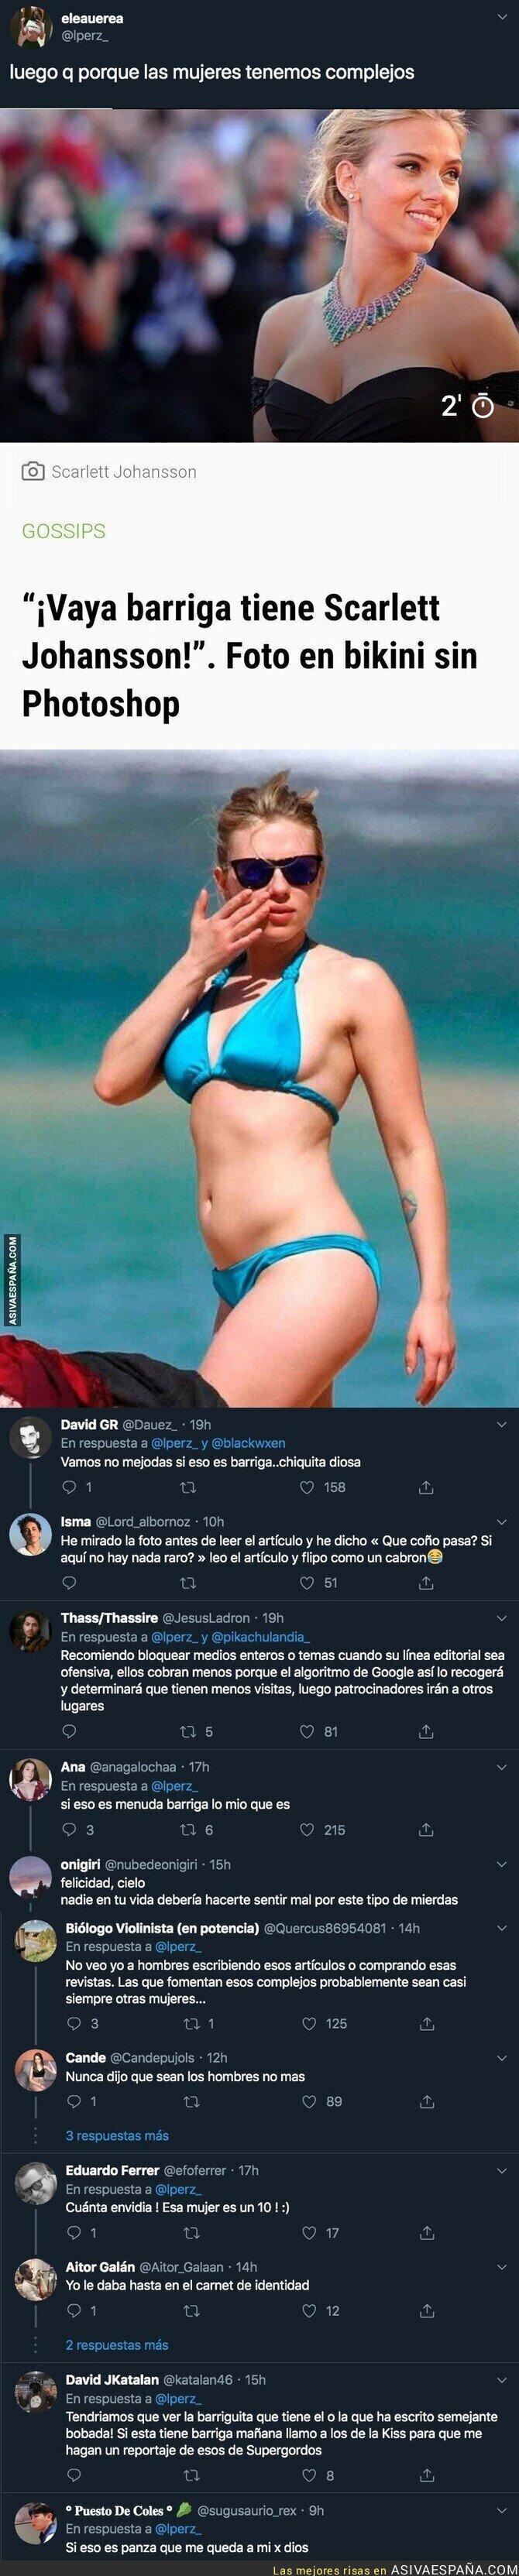 127723 - El lamentable artículo de 'diarioGOL' hablando que Scarlett Johansson tiene una barriga enorme adjuntando esta foto en la playa